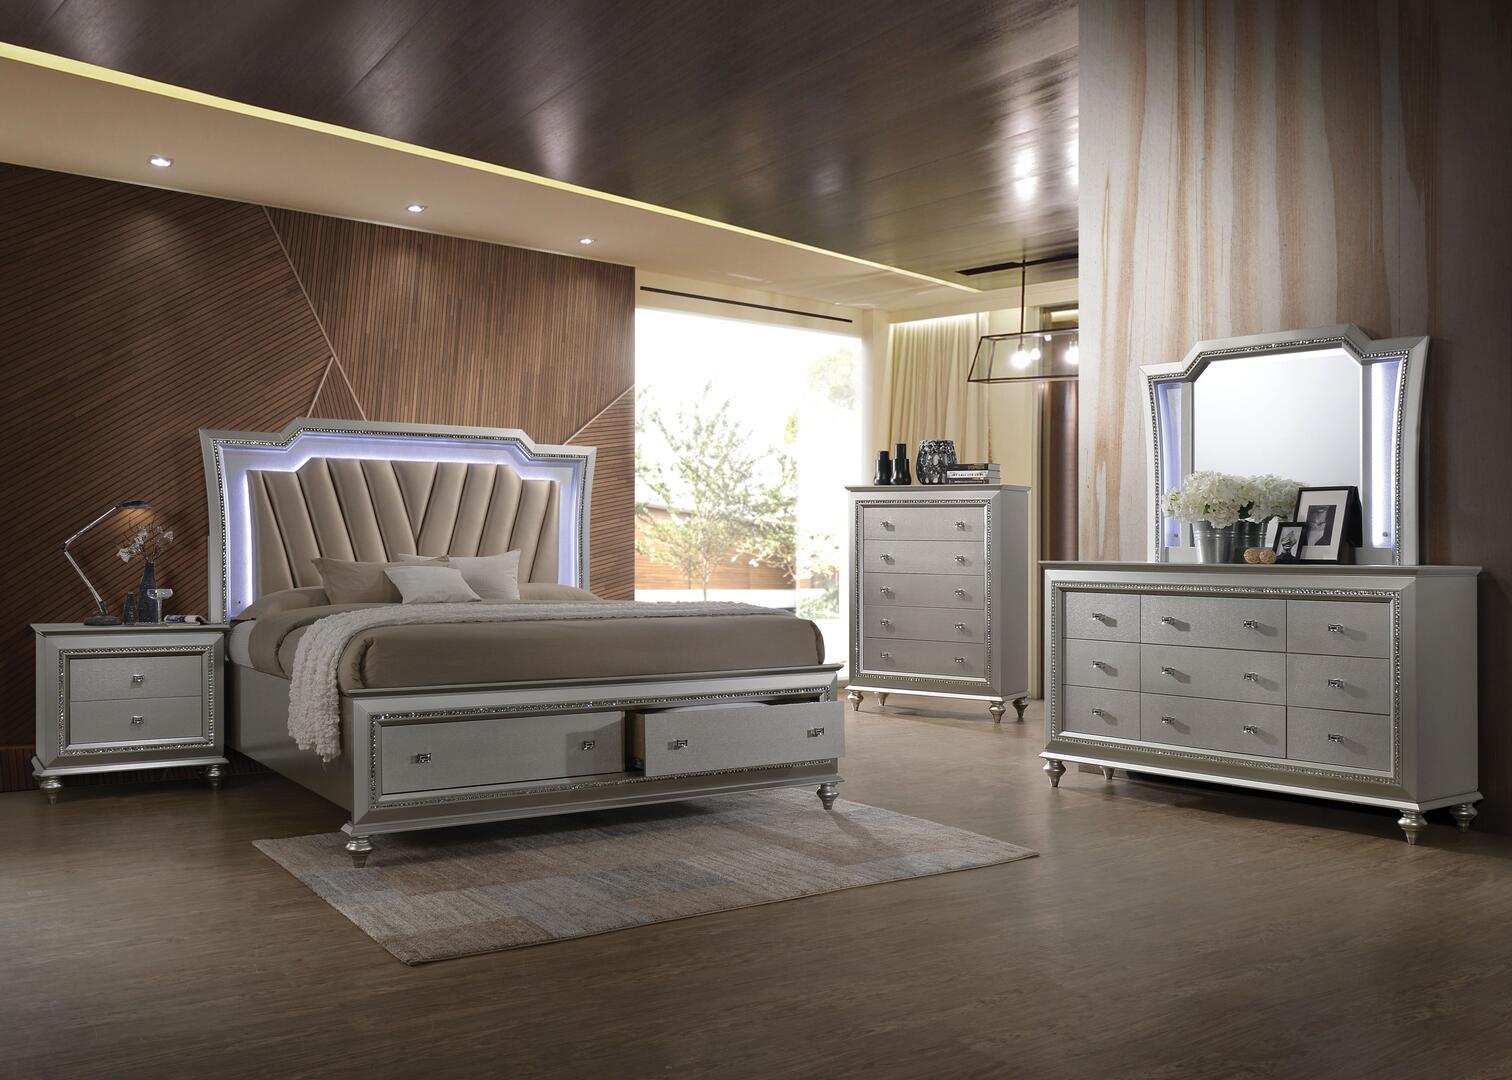 Acme Furniture Kaitlyn 5 Piece Queen Size Bedroom Set